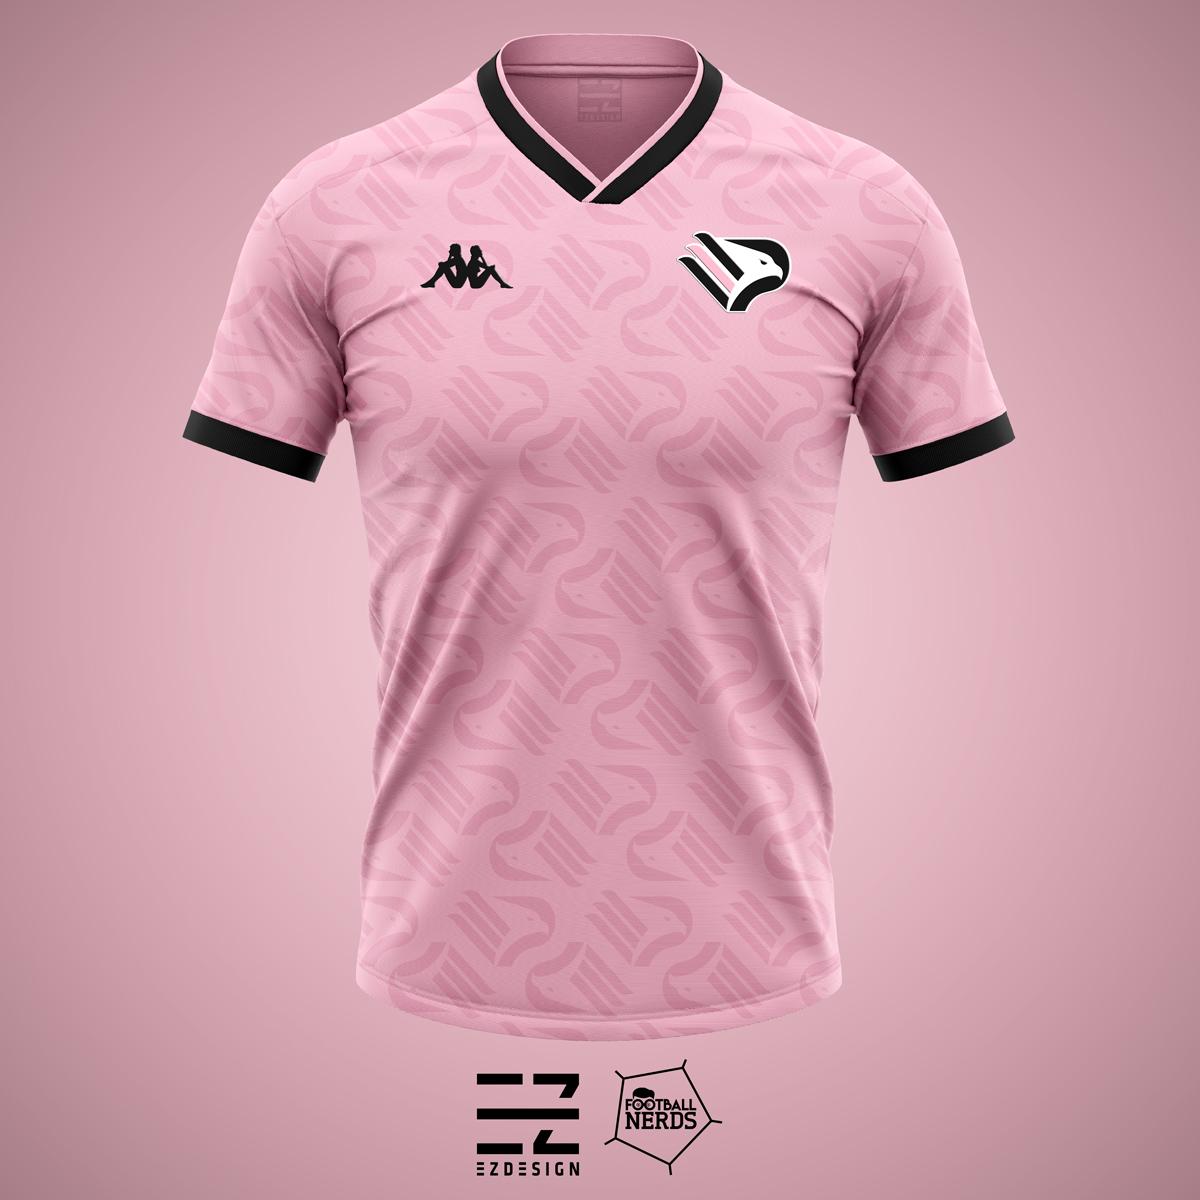 Concept Maglie Palermo 2019 2020